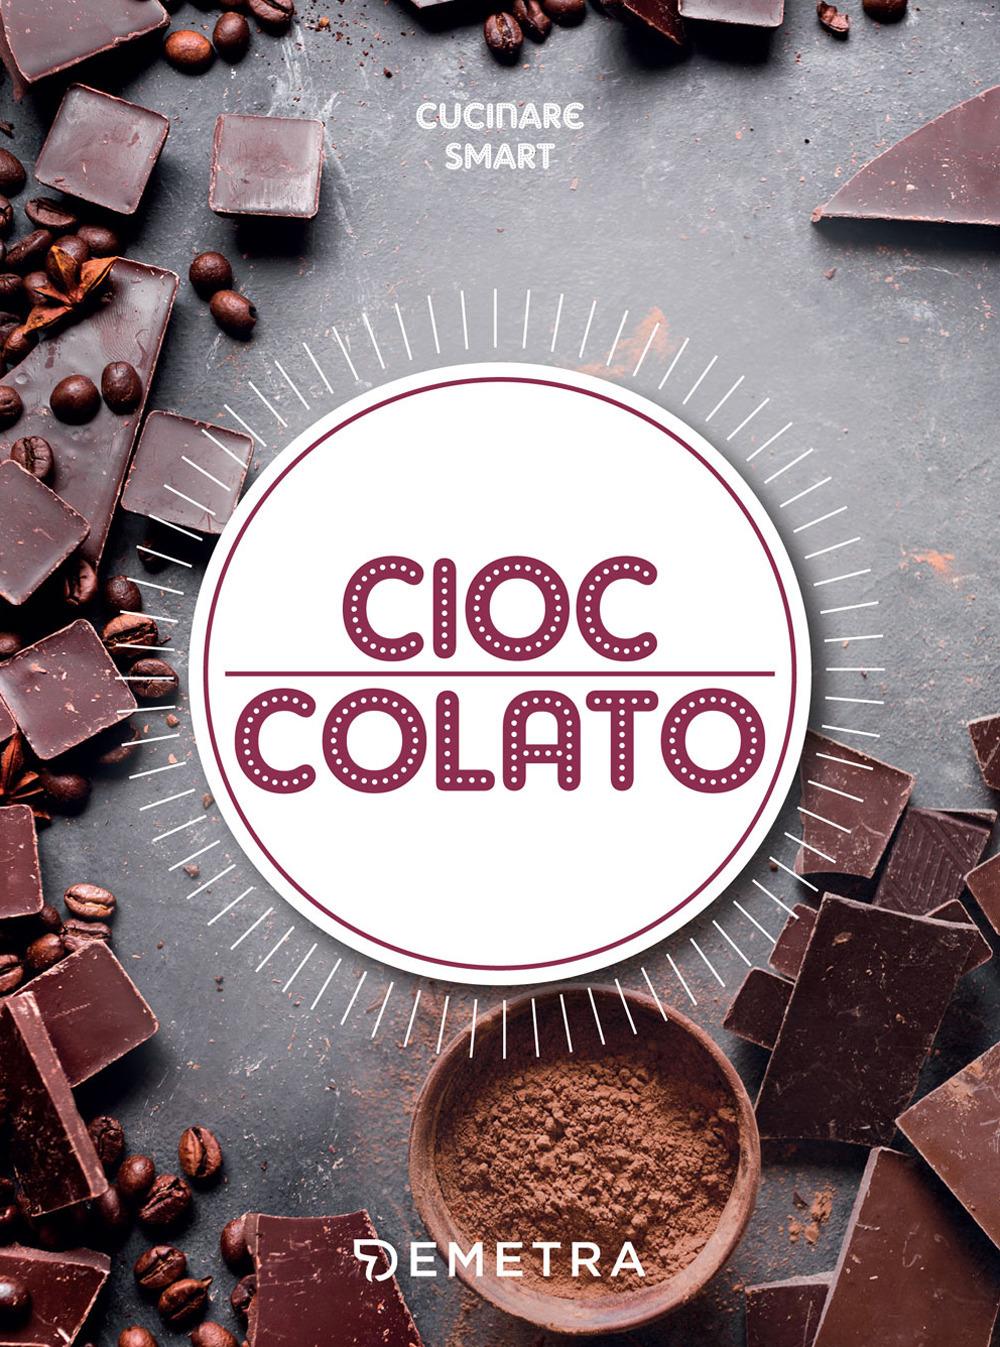 Image of Cioccolato